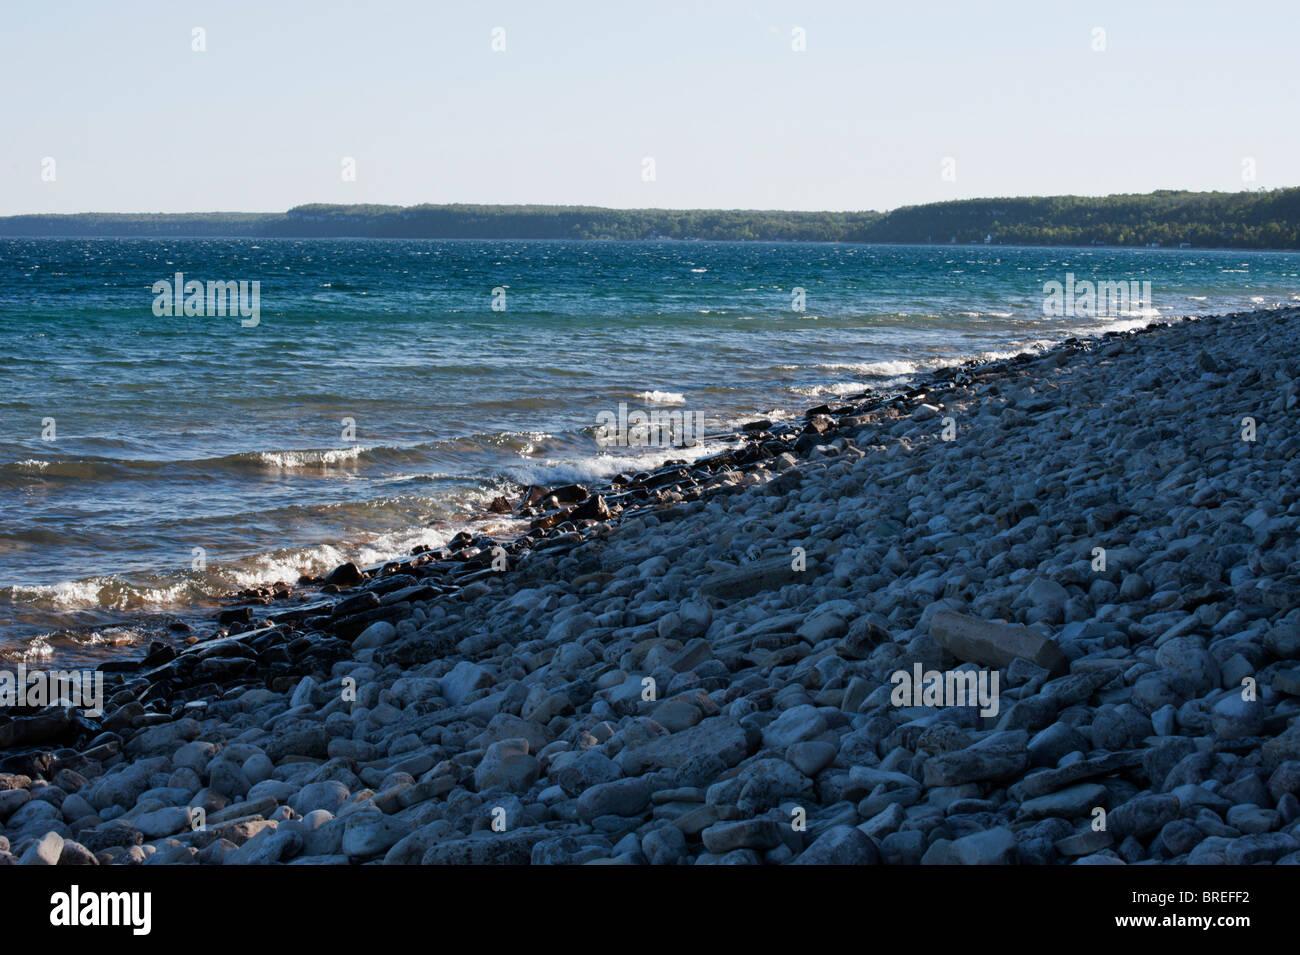 Olas de la Georgian Bay satisfacer las costas rocosas en Dyer's Bay en la península de Bruce. Foto de stock